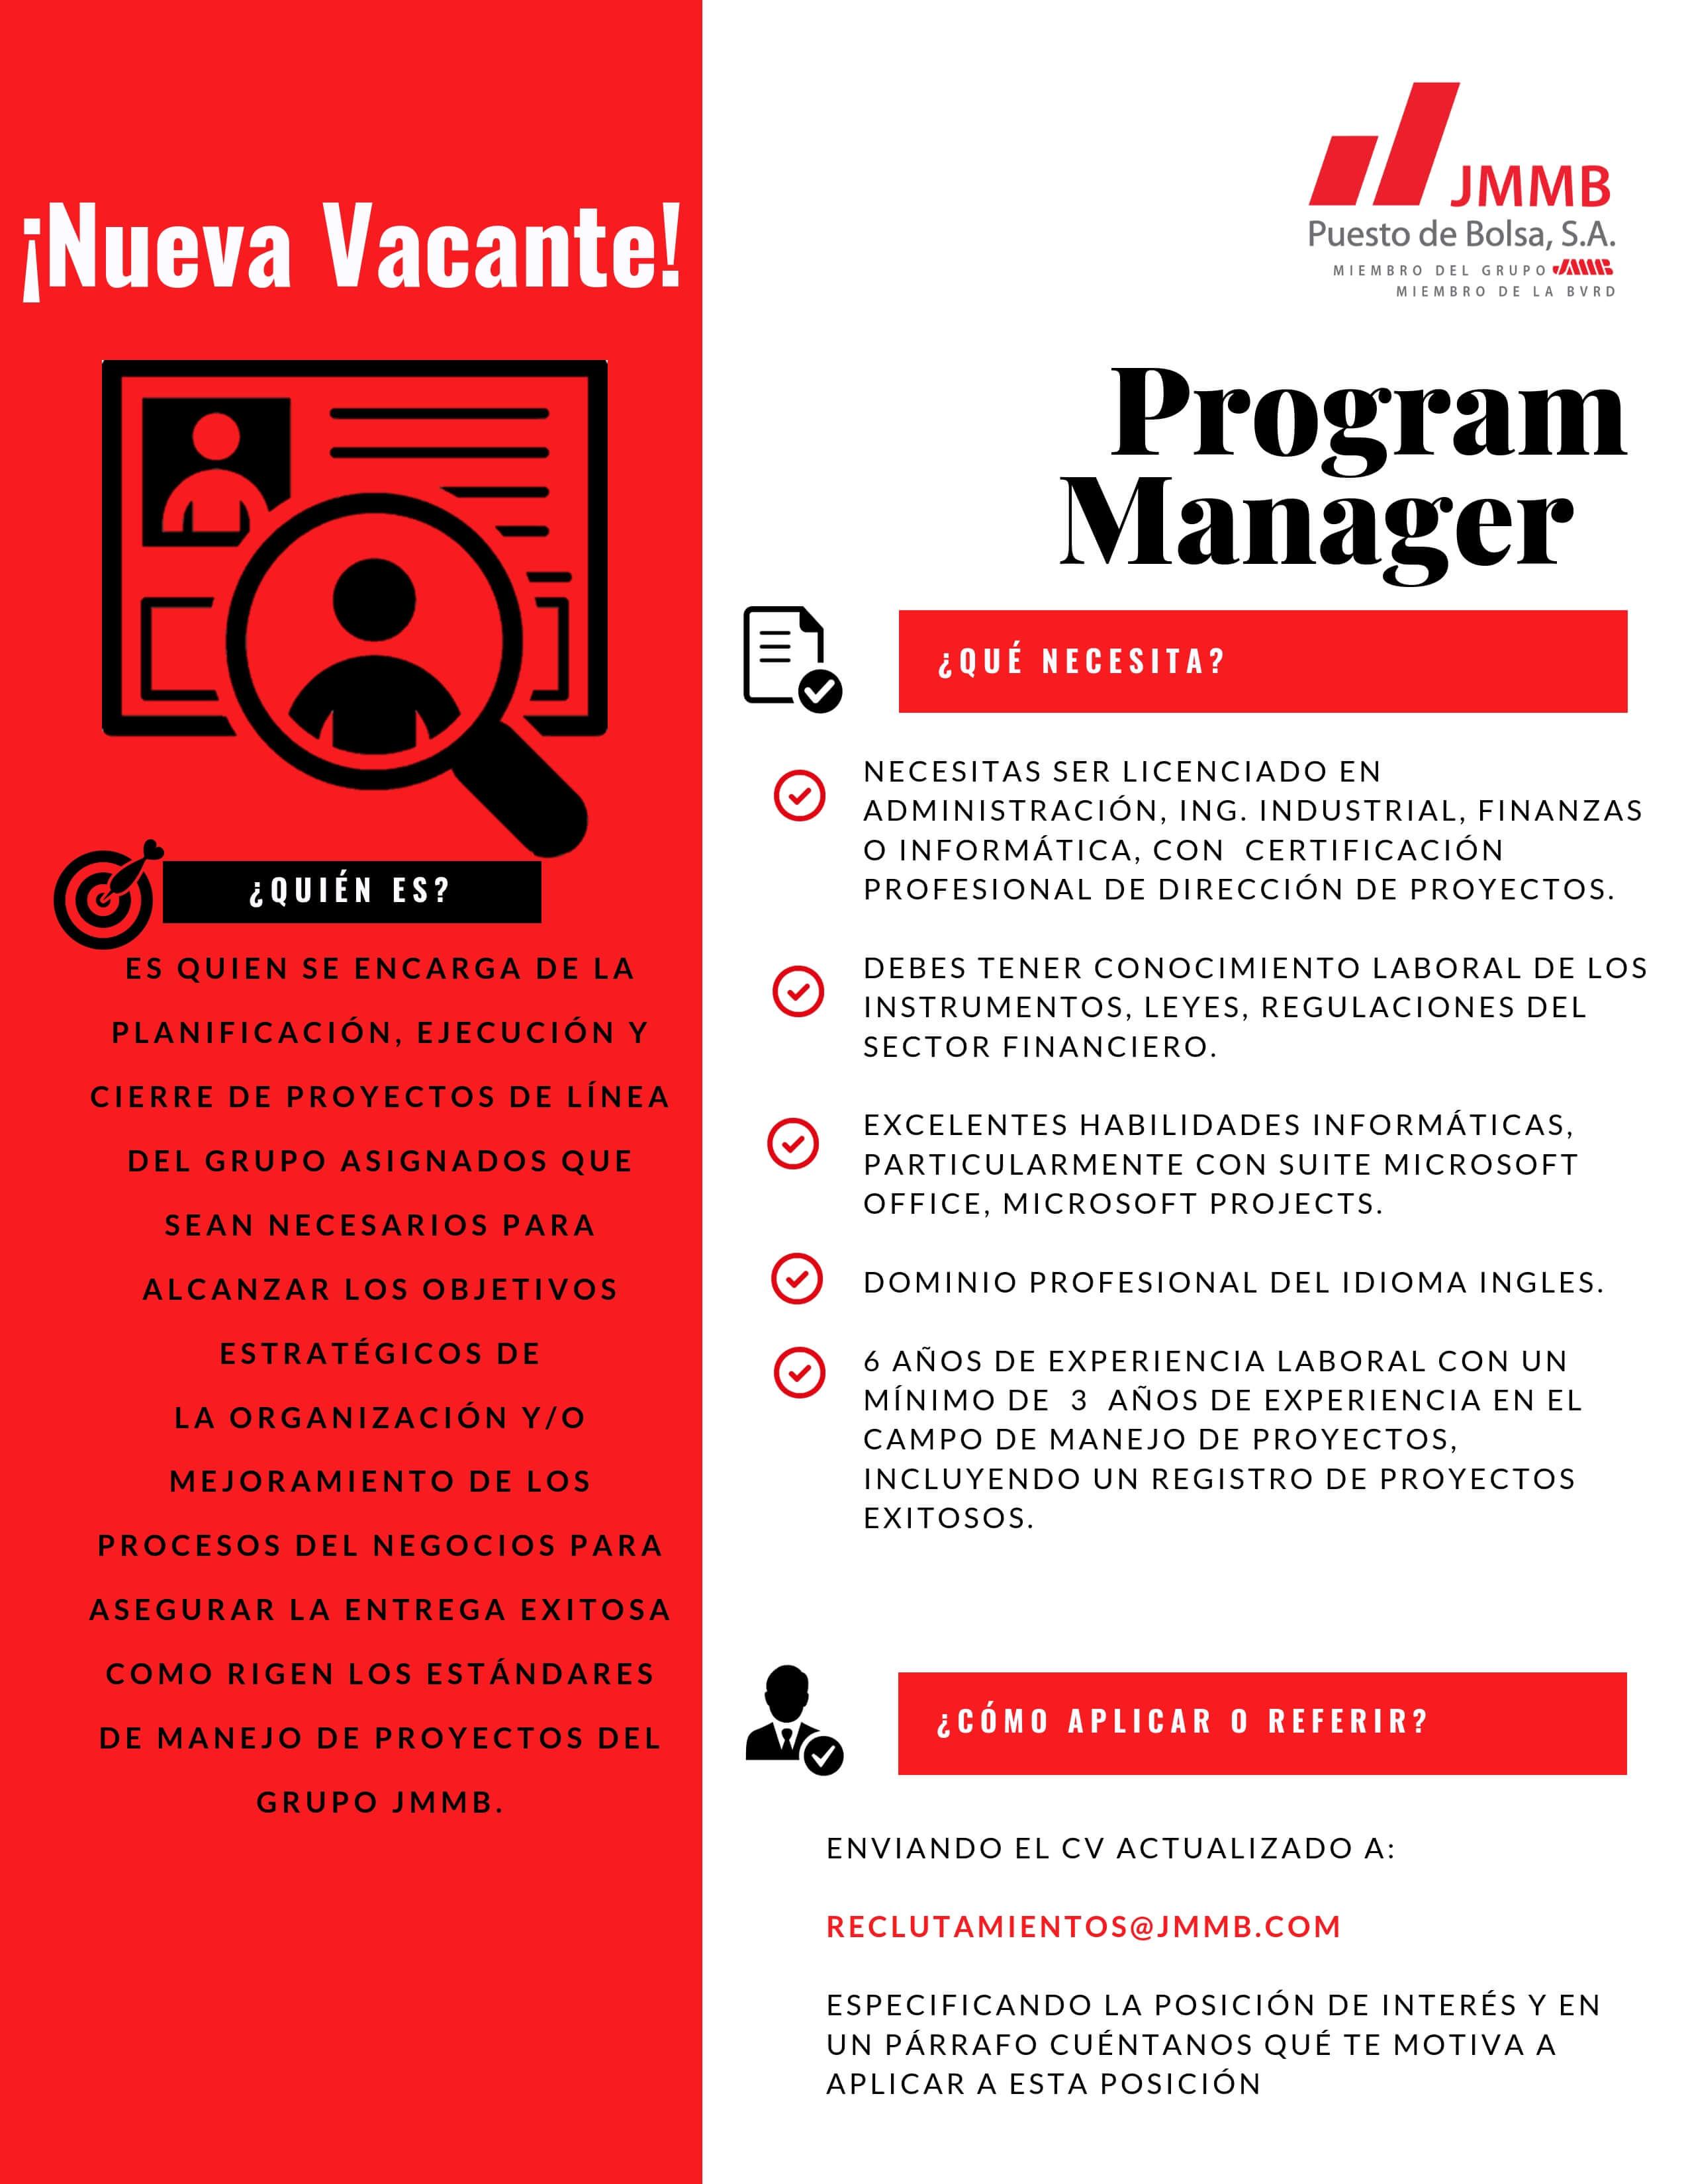 Descripción de puesto Program Manager Puesto de Bolsa